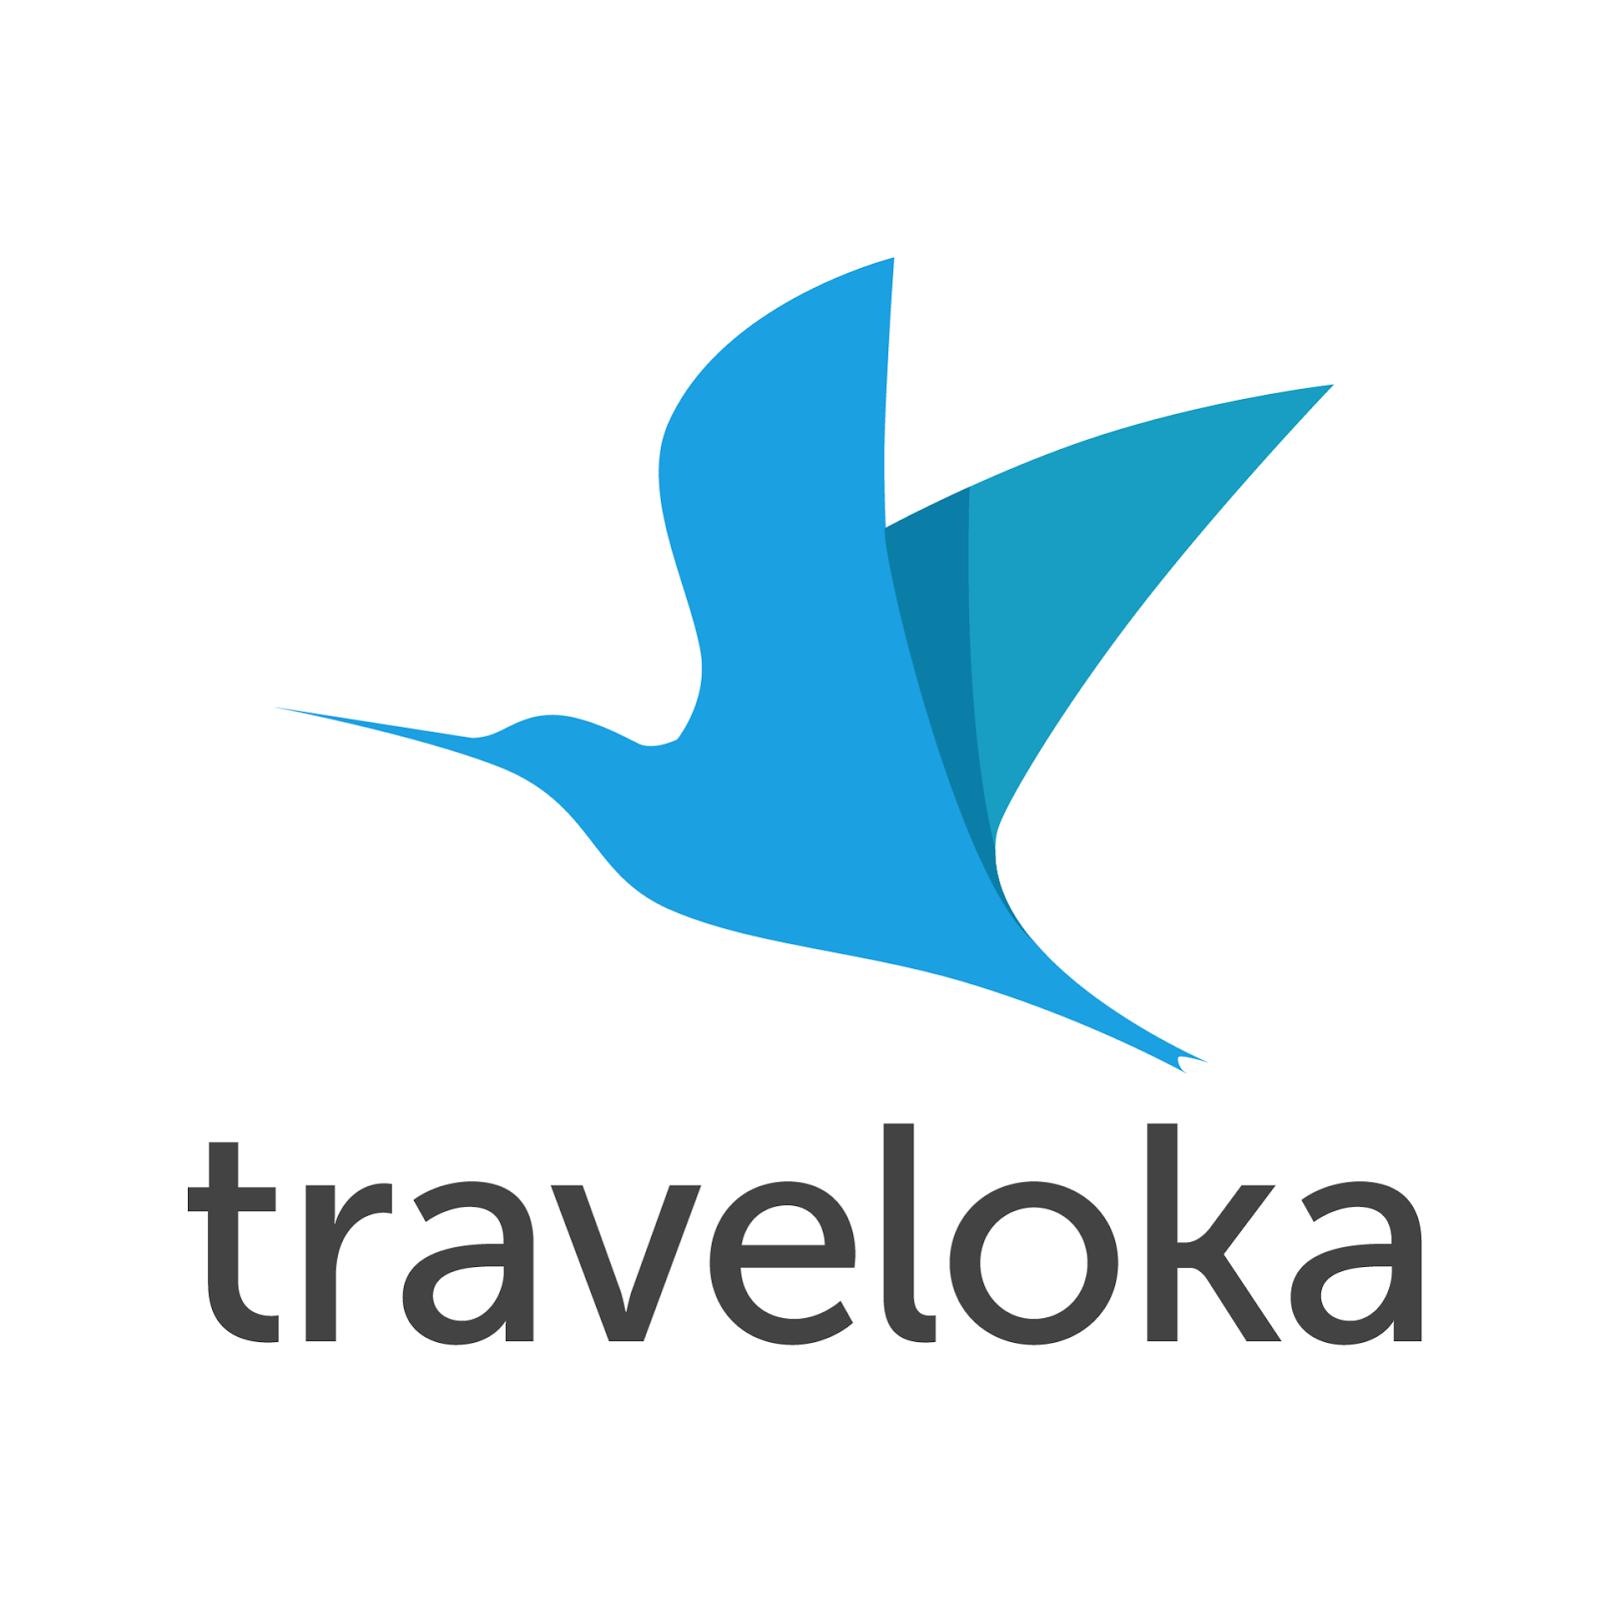 Cara Memesan Hotel Murah di Traveloka.com  2015.1